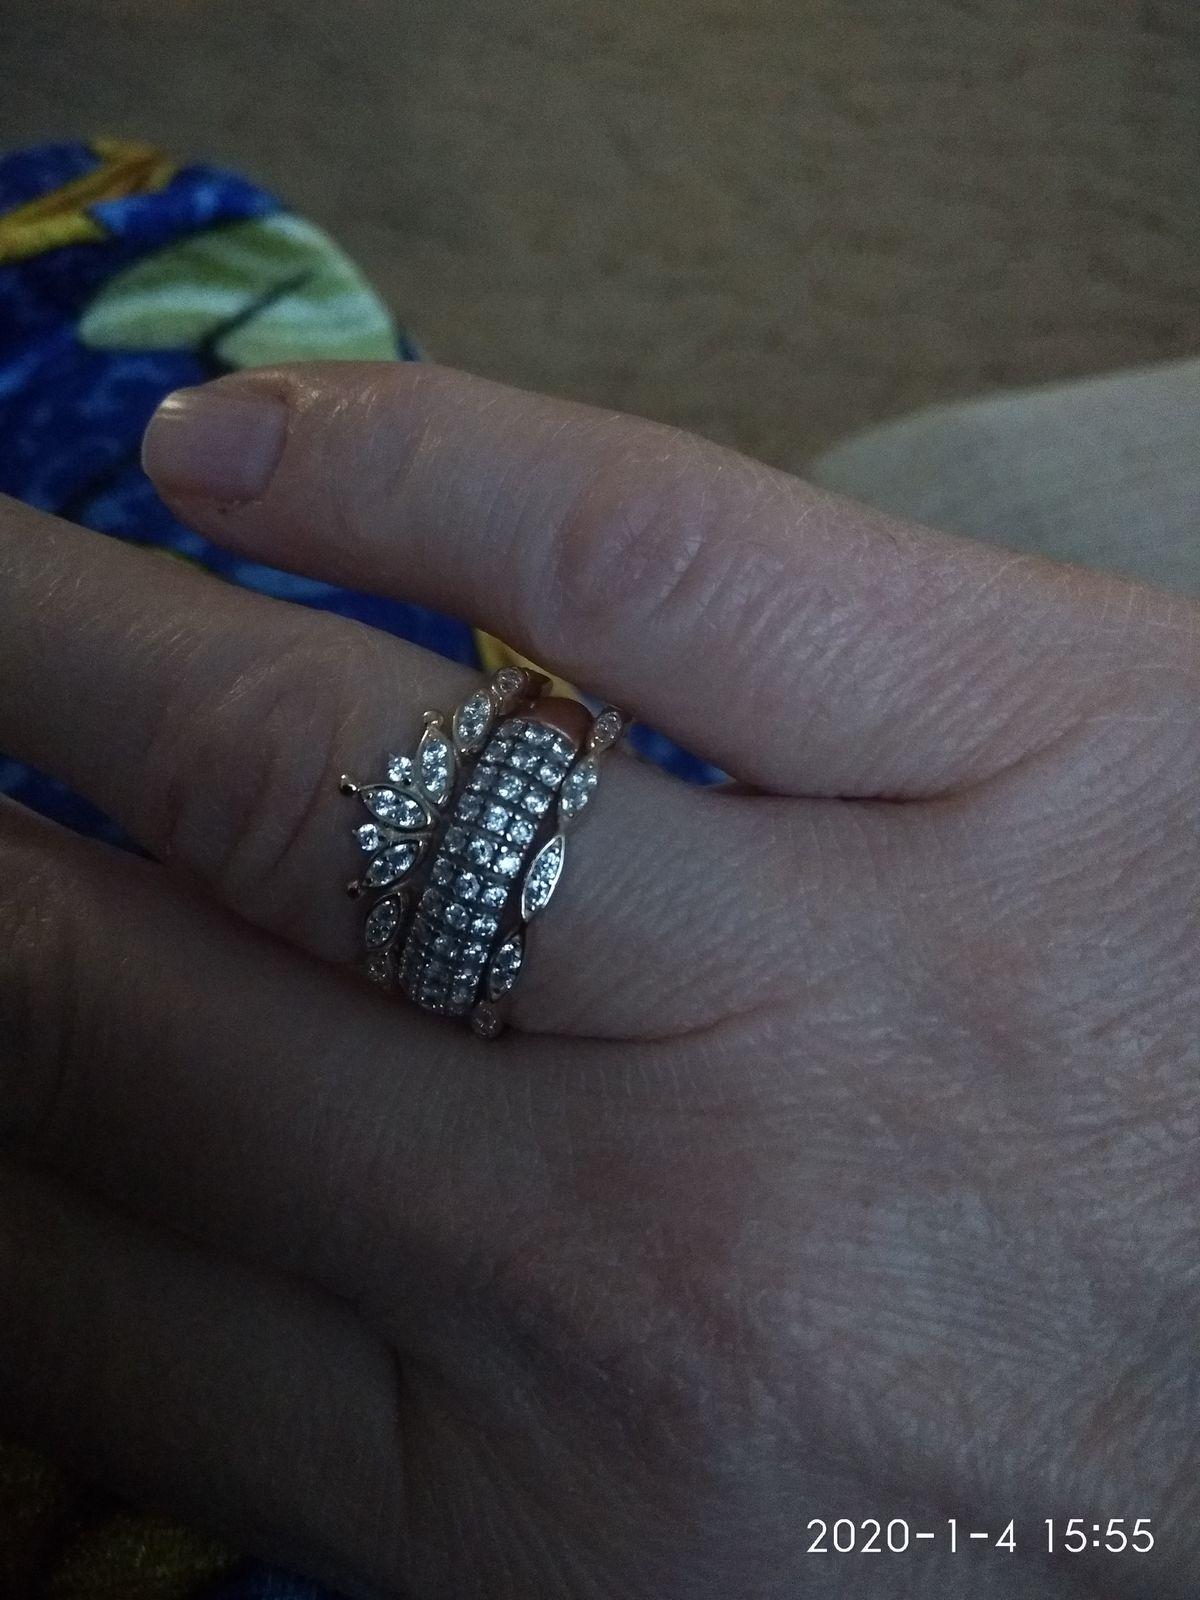 Кольцо просто шикарное. Позолоченное серебро, а смотрится как чистое золото